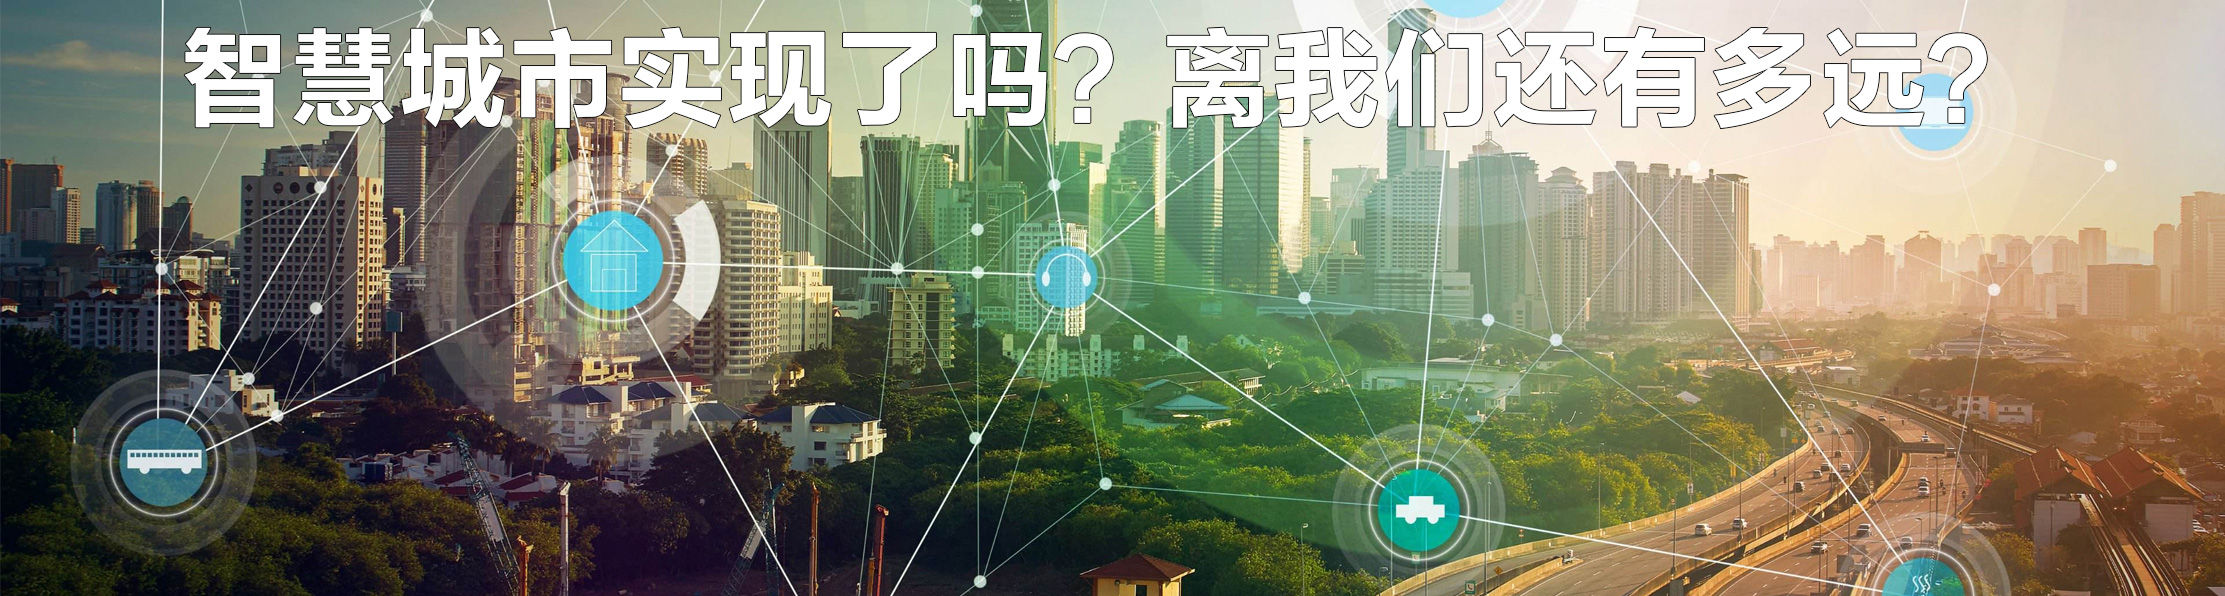 智慧城市实现了吗?离我们还有多远?